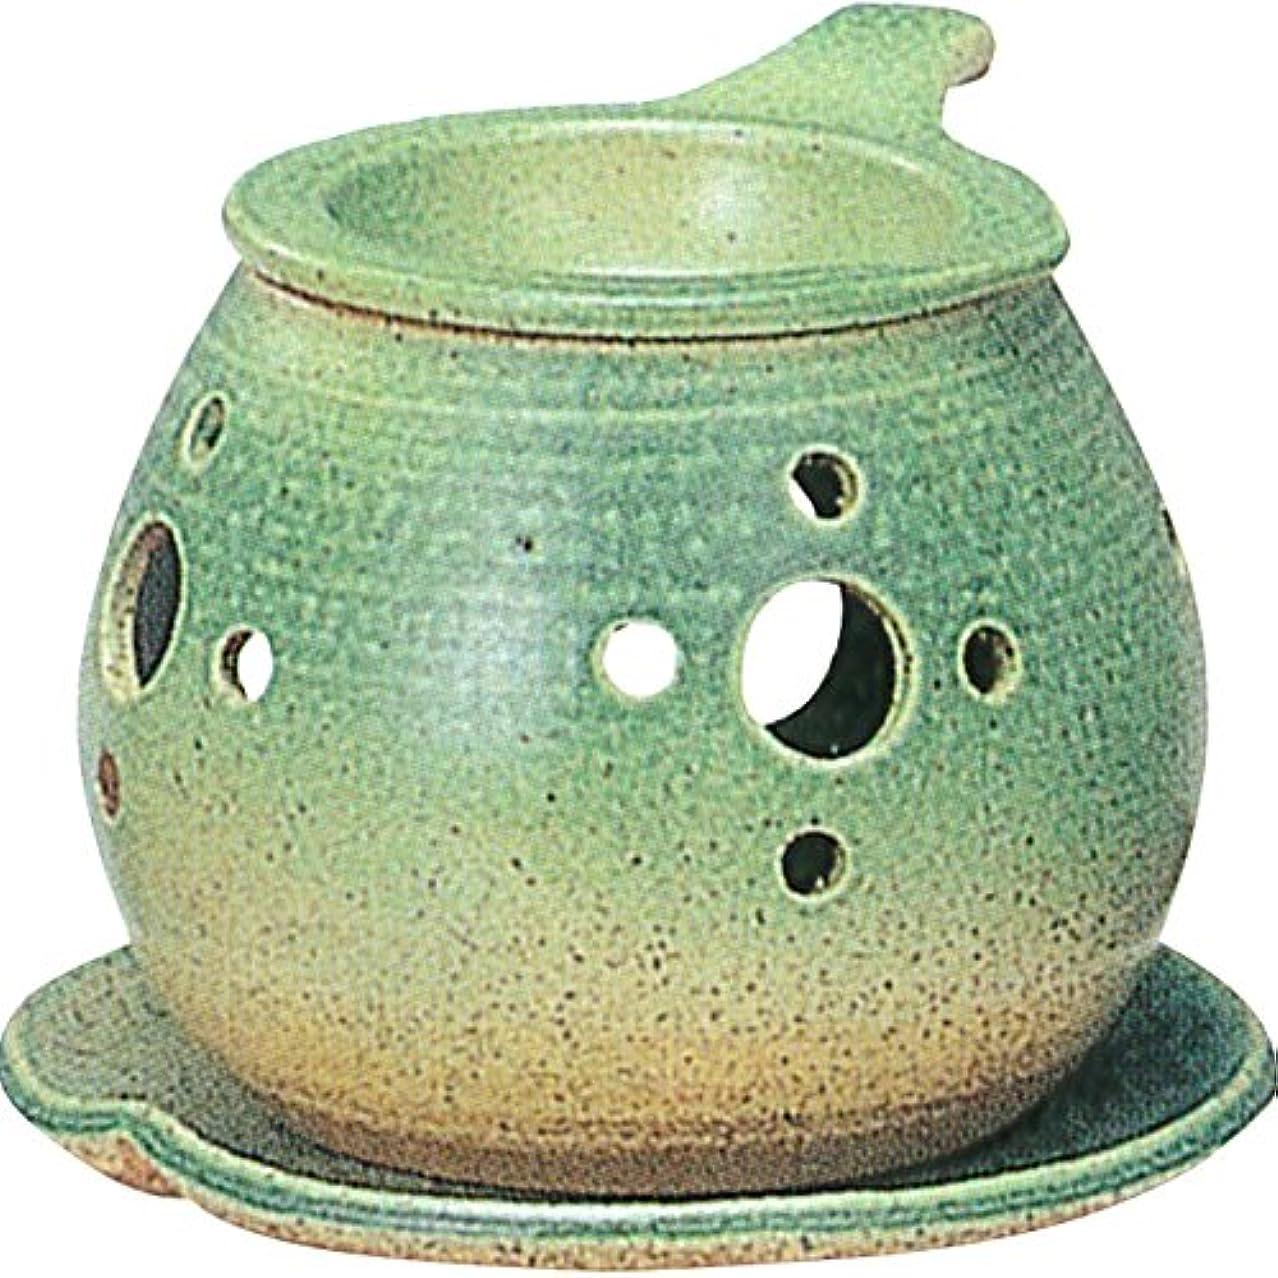 サイクロプスイタリックくしゃくしゃ茶香炉 : 常滑焼 間宮 茶香炉? ル35-02